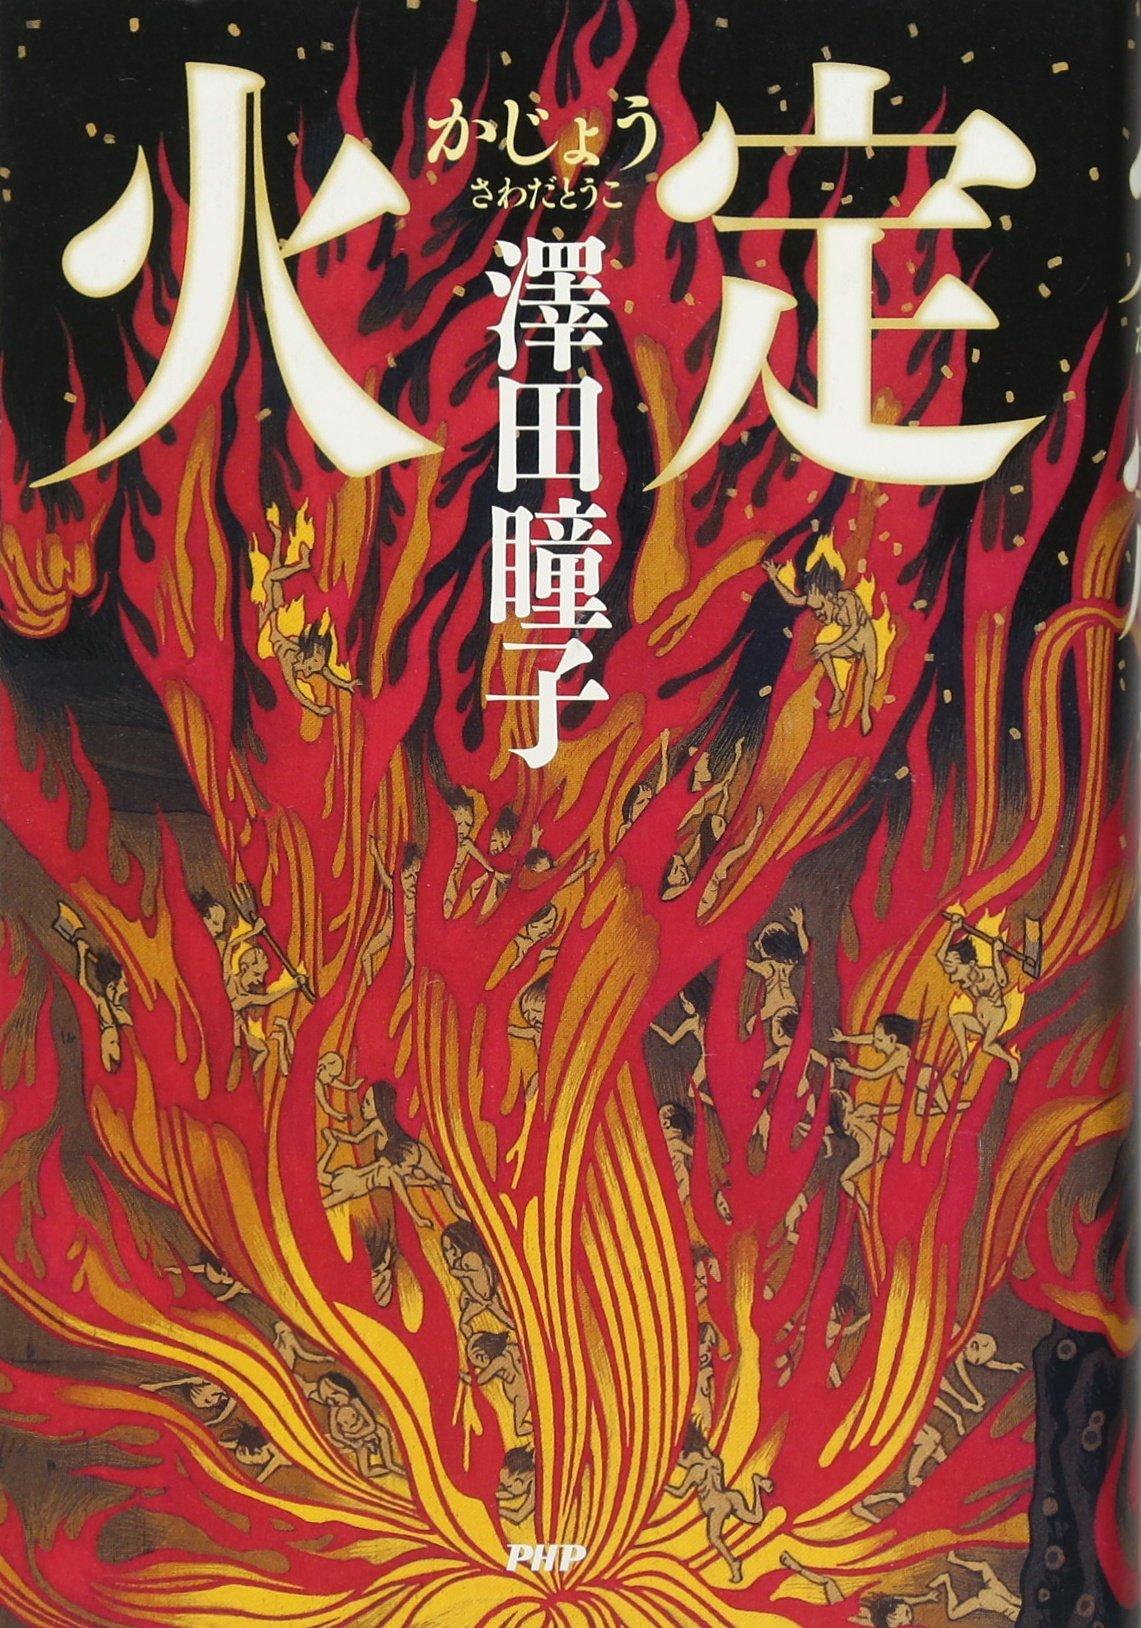 パンデミックに直面した人間の業を描く『火定』